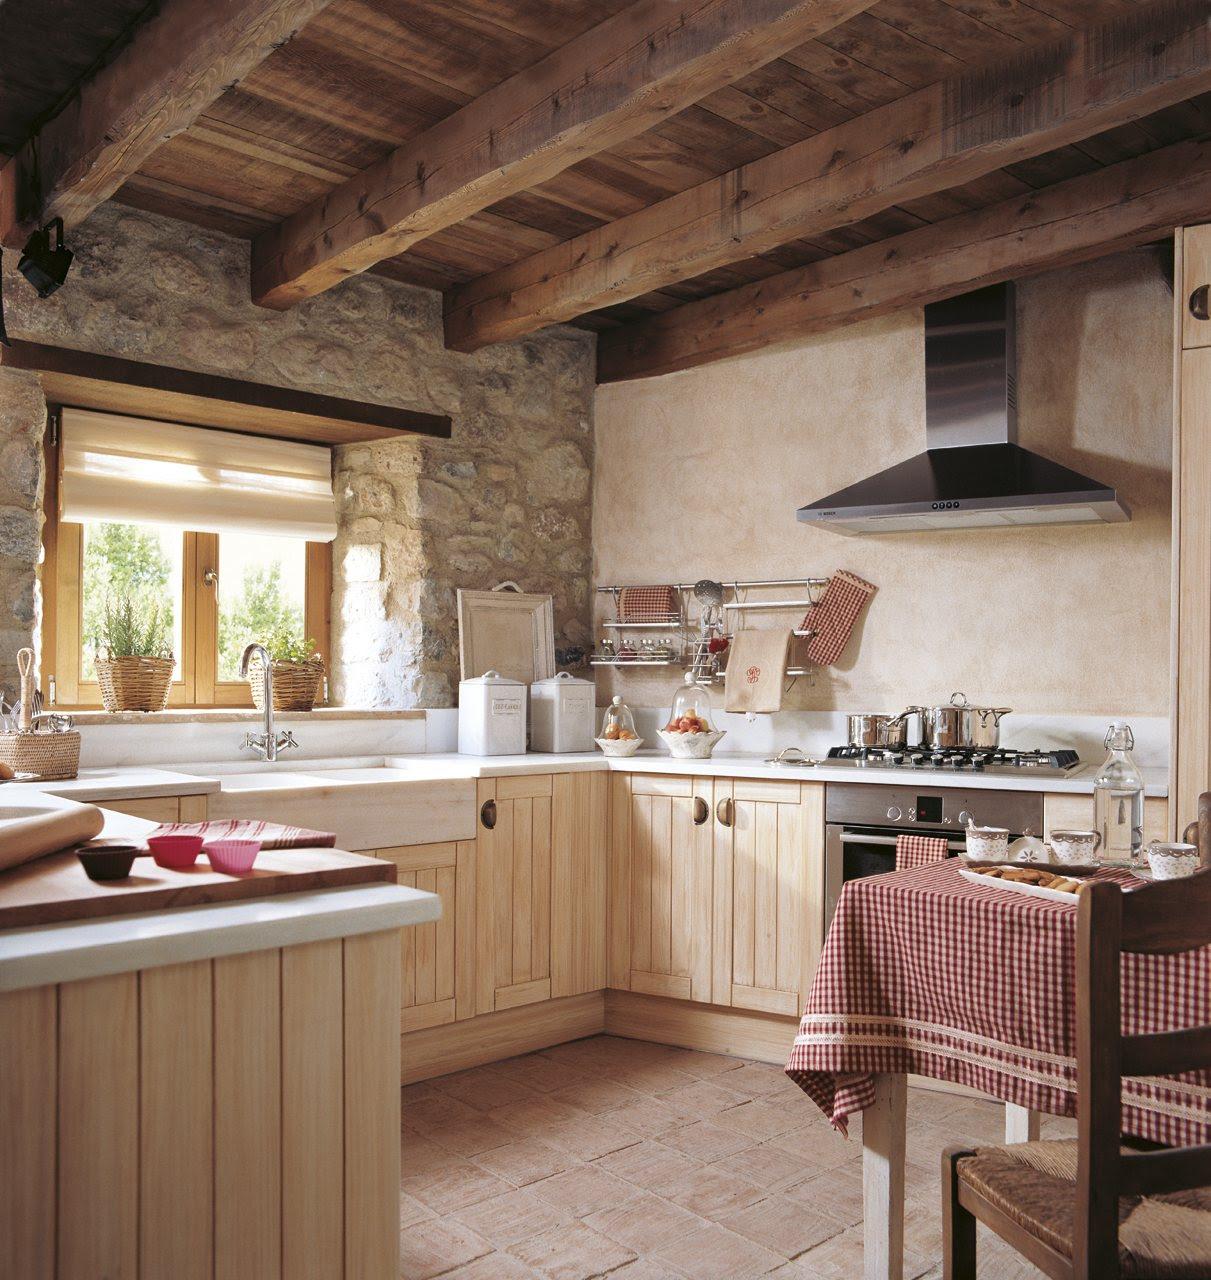 cocina rústica. Rústica cocina con vigas de madera y encimera de mármol blanco